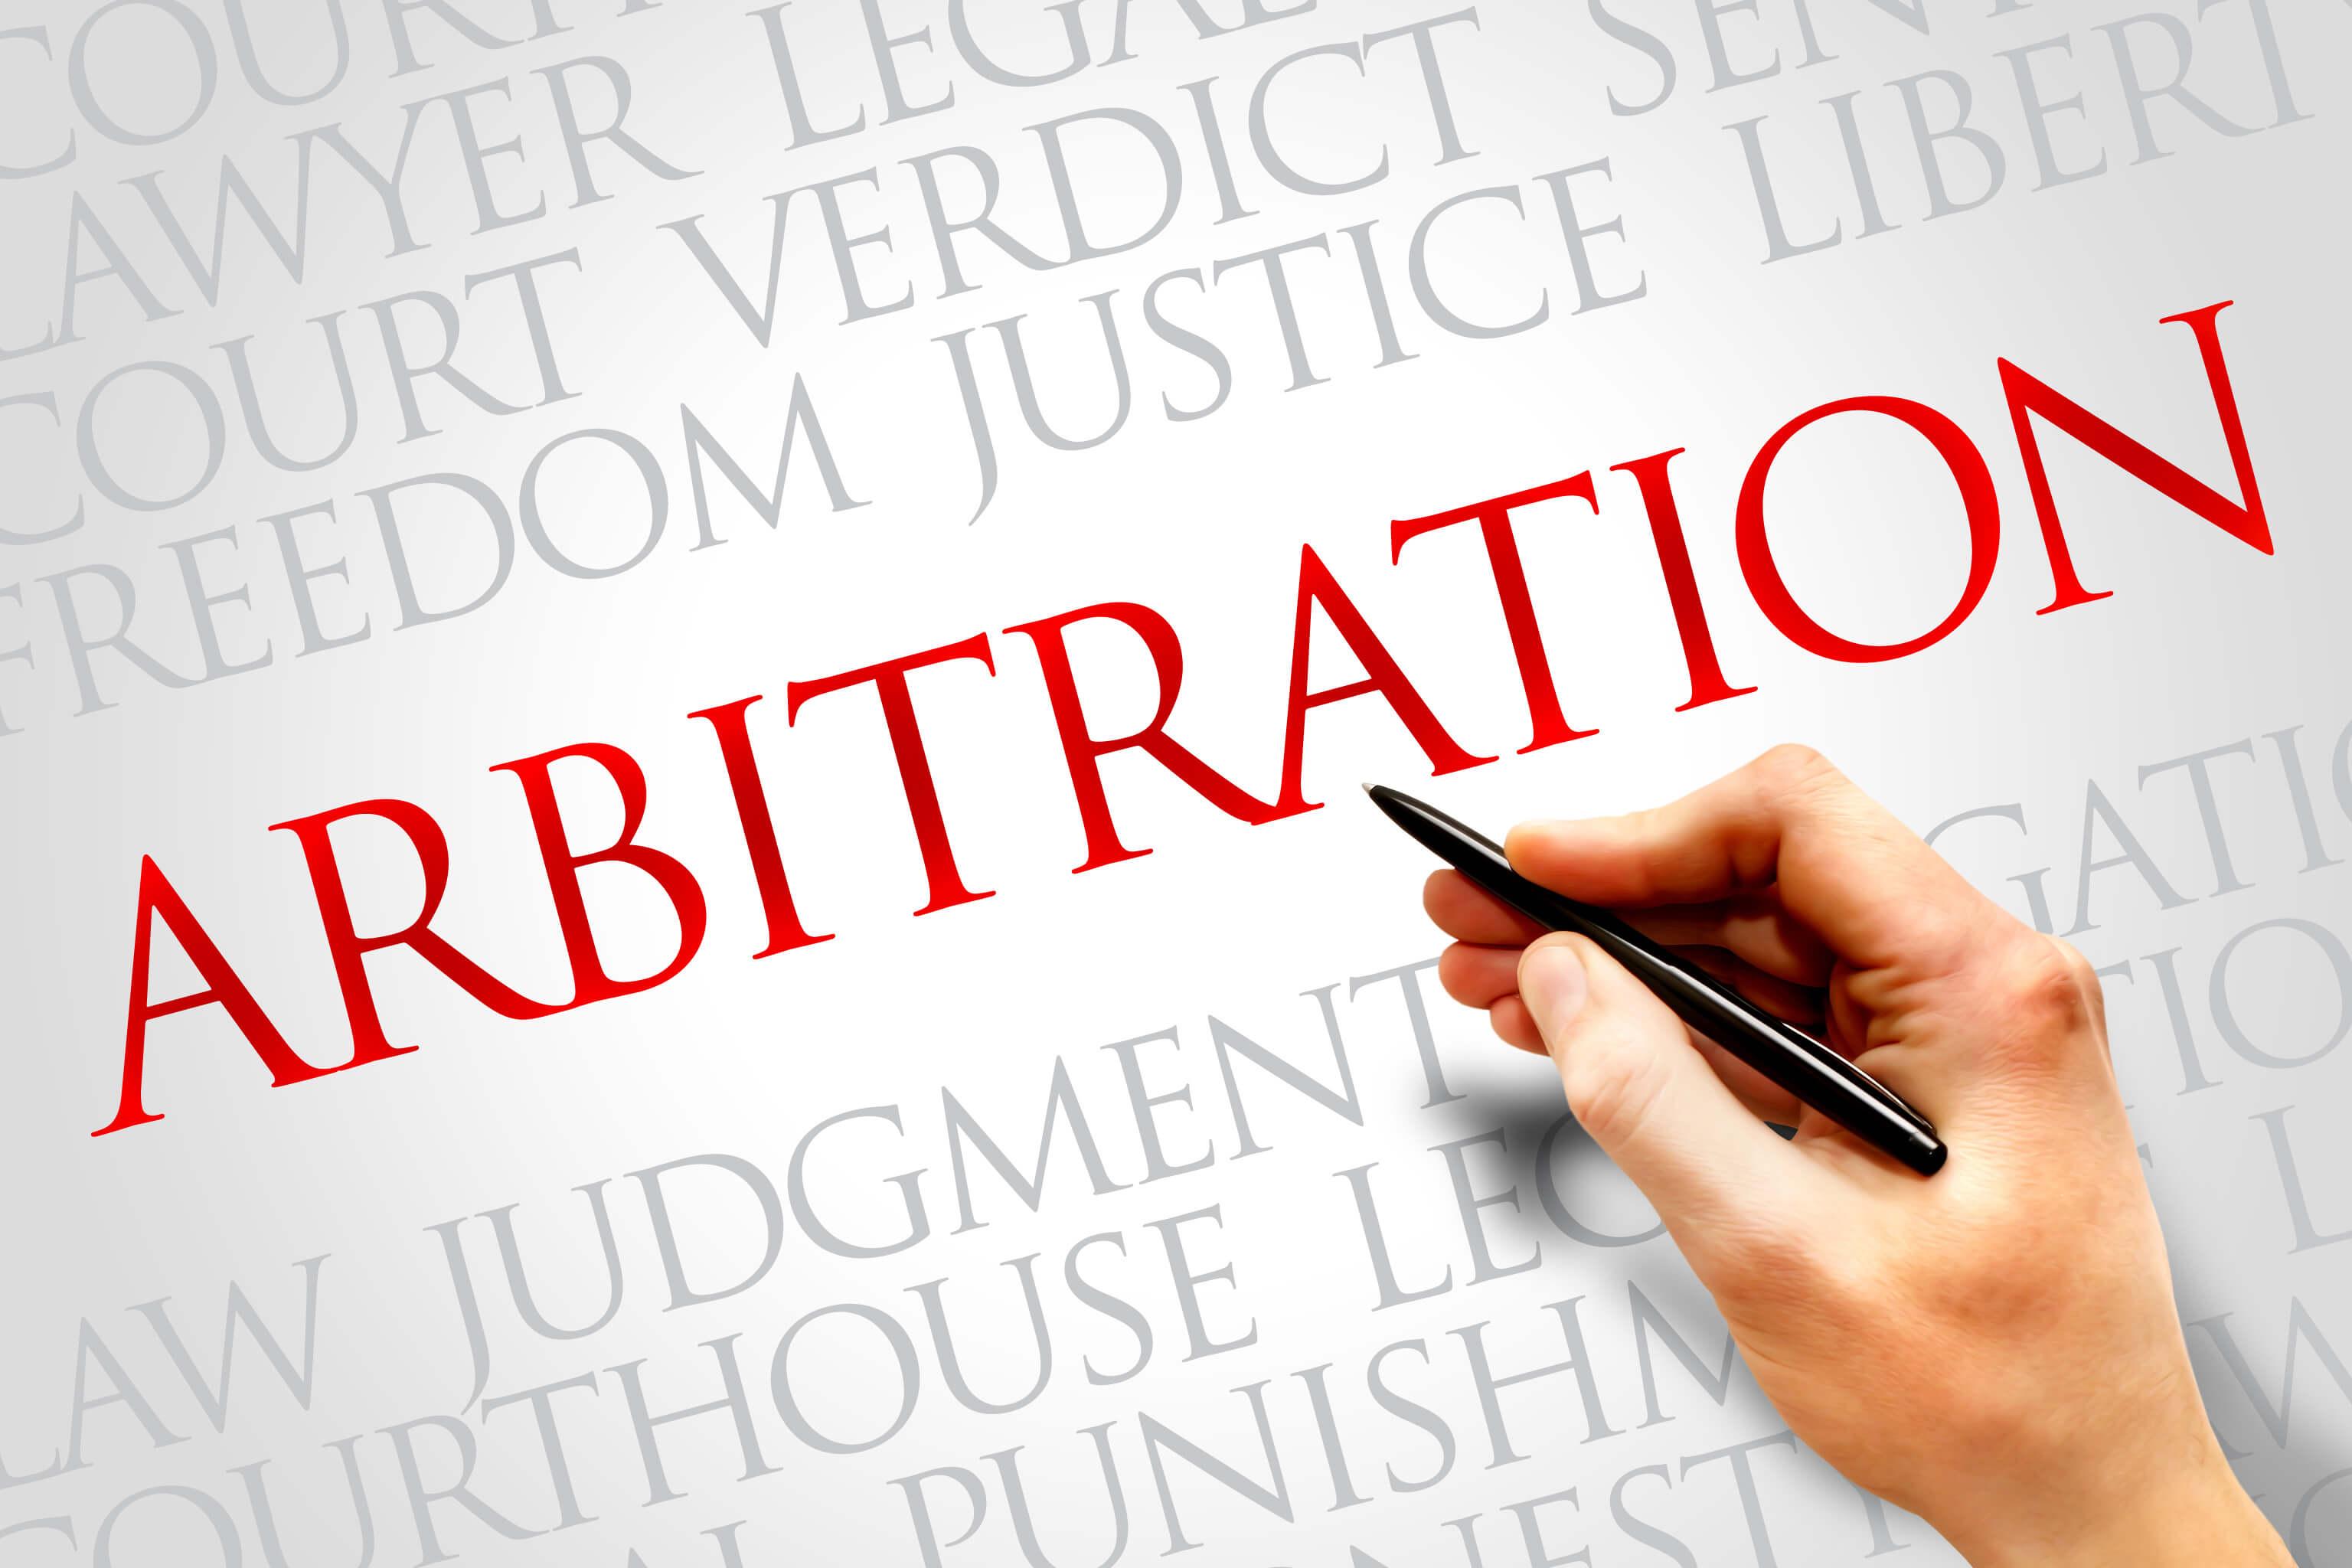 SNF Arbitration